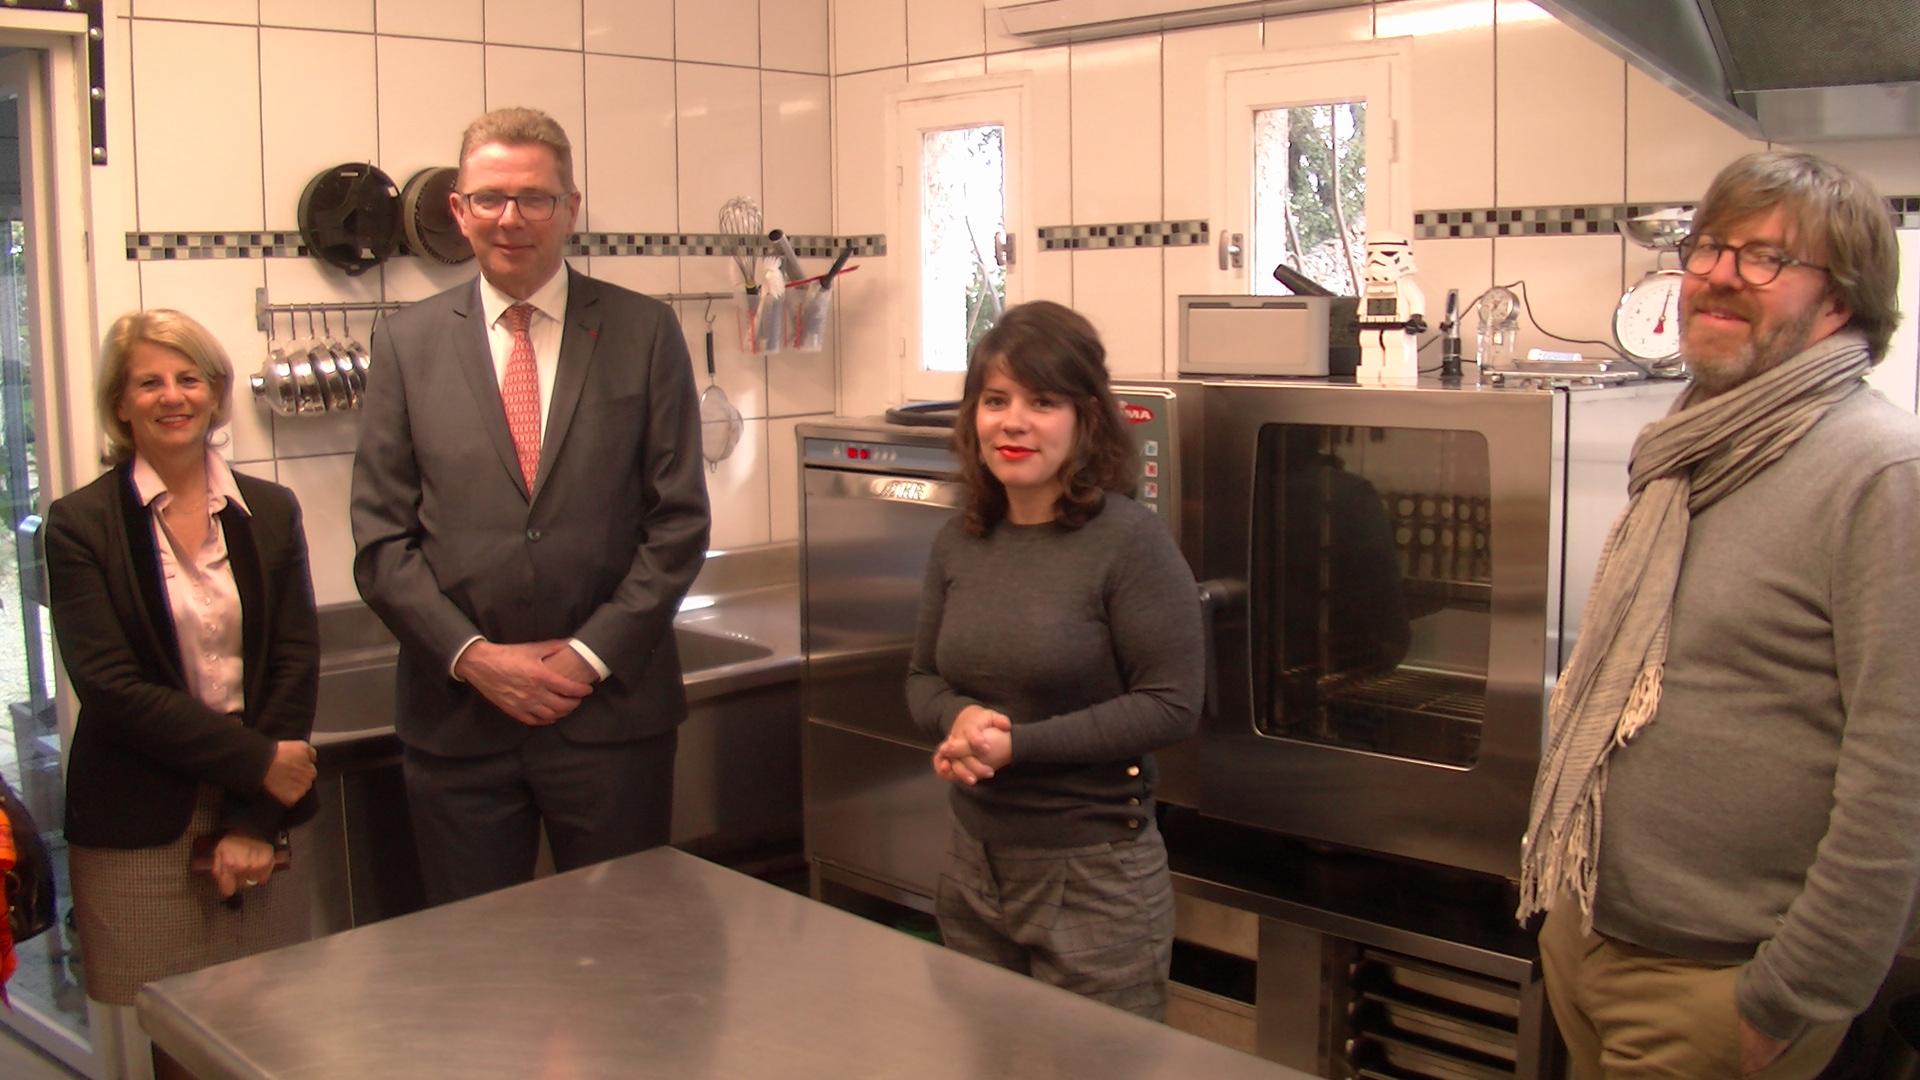 Le prefet a rencontré Aurélie Orsini, co-fondatrice de la Start-Up Conserverie Moderne « Anatra » à Furiani.